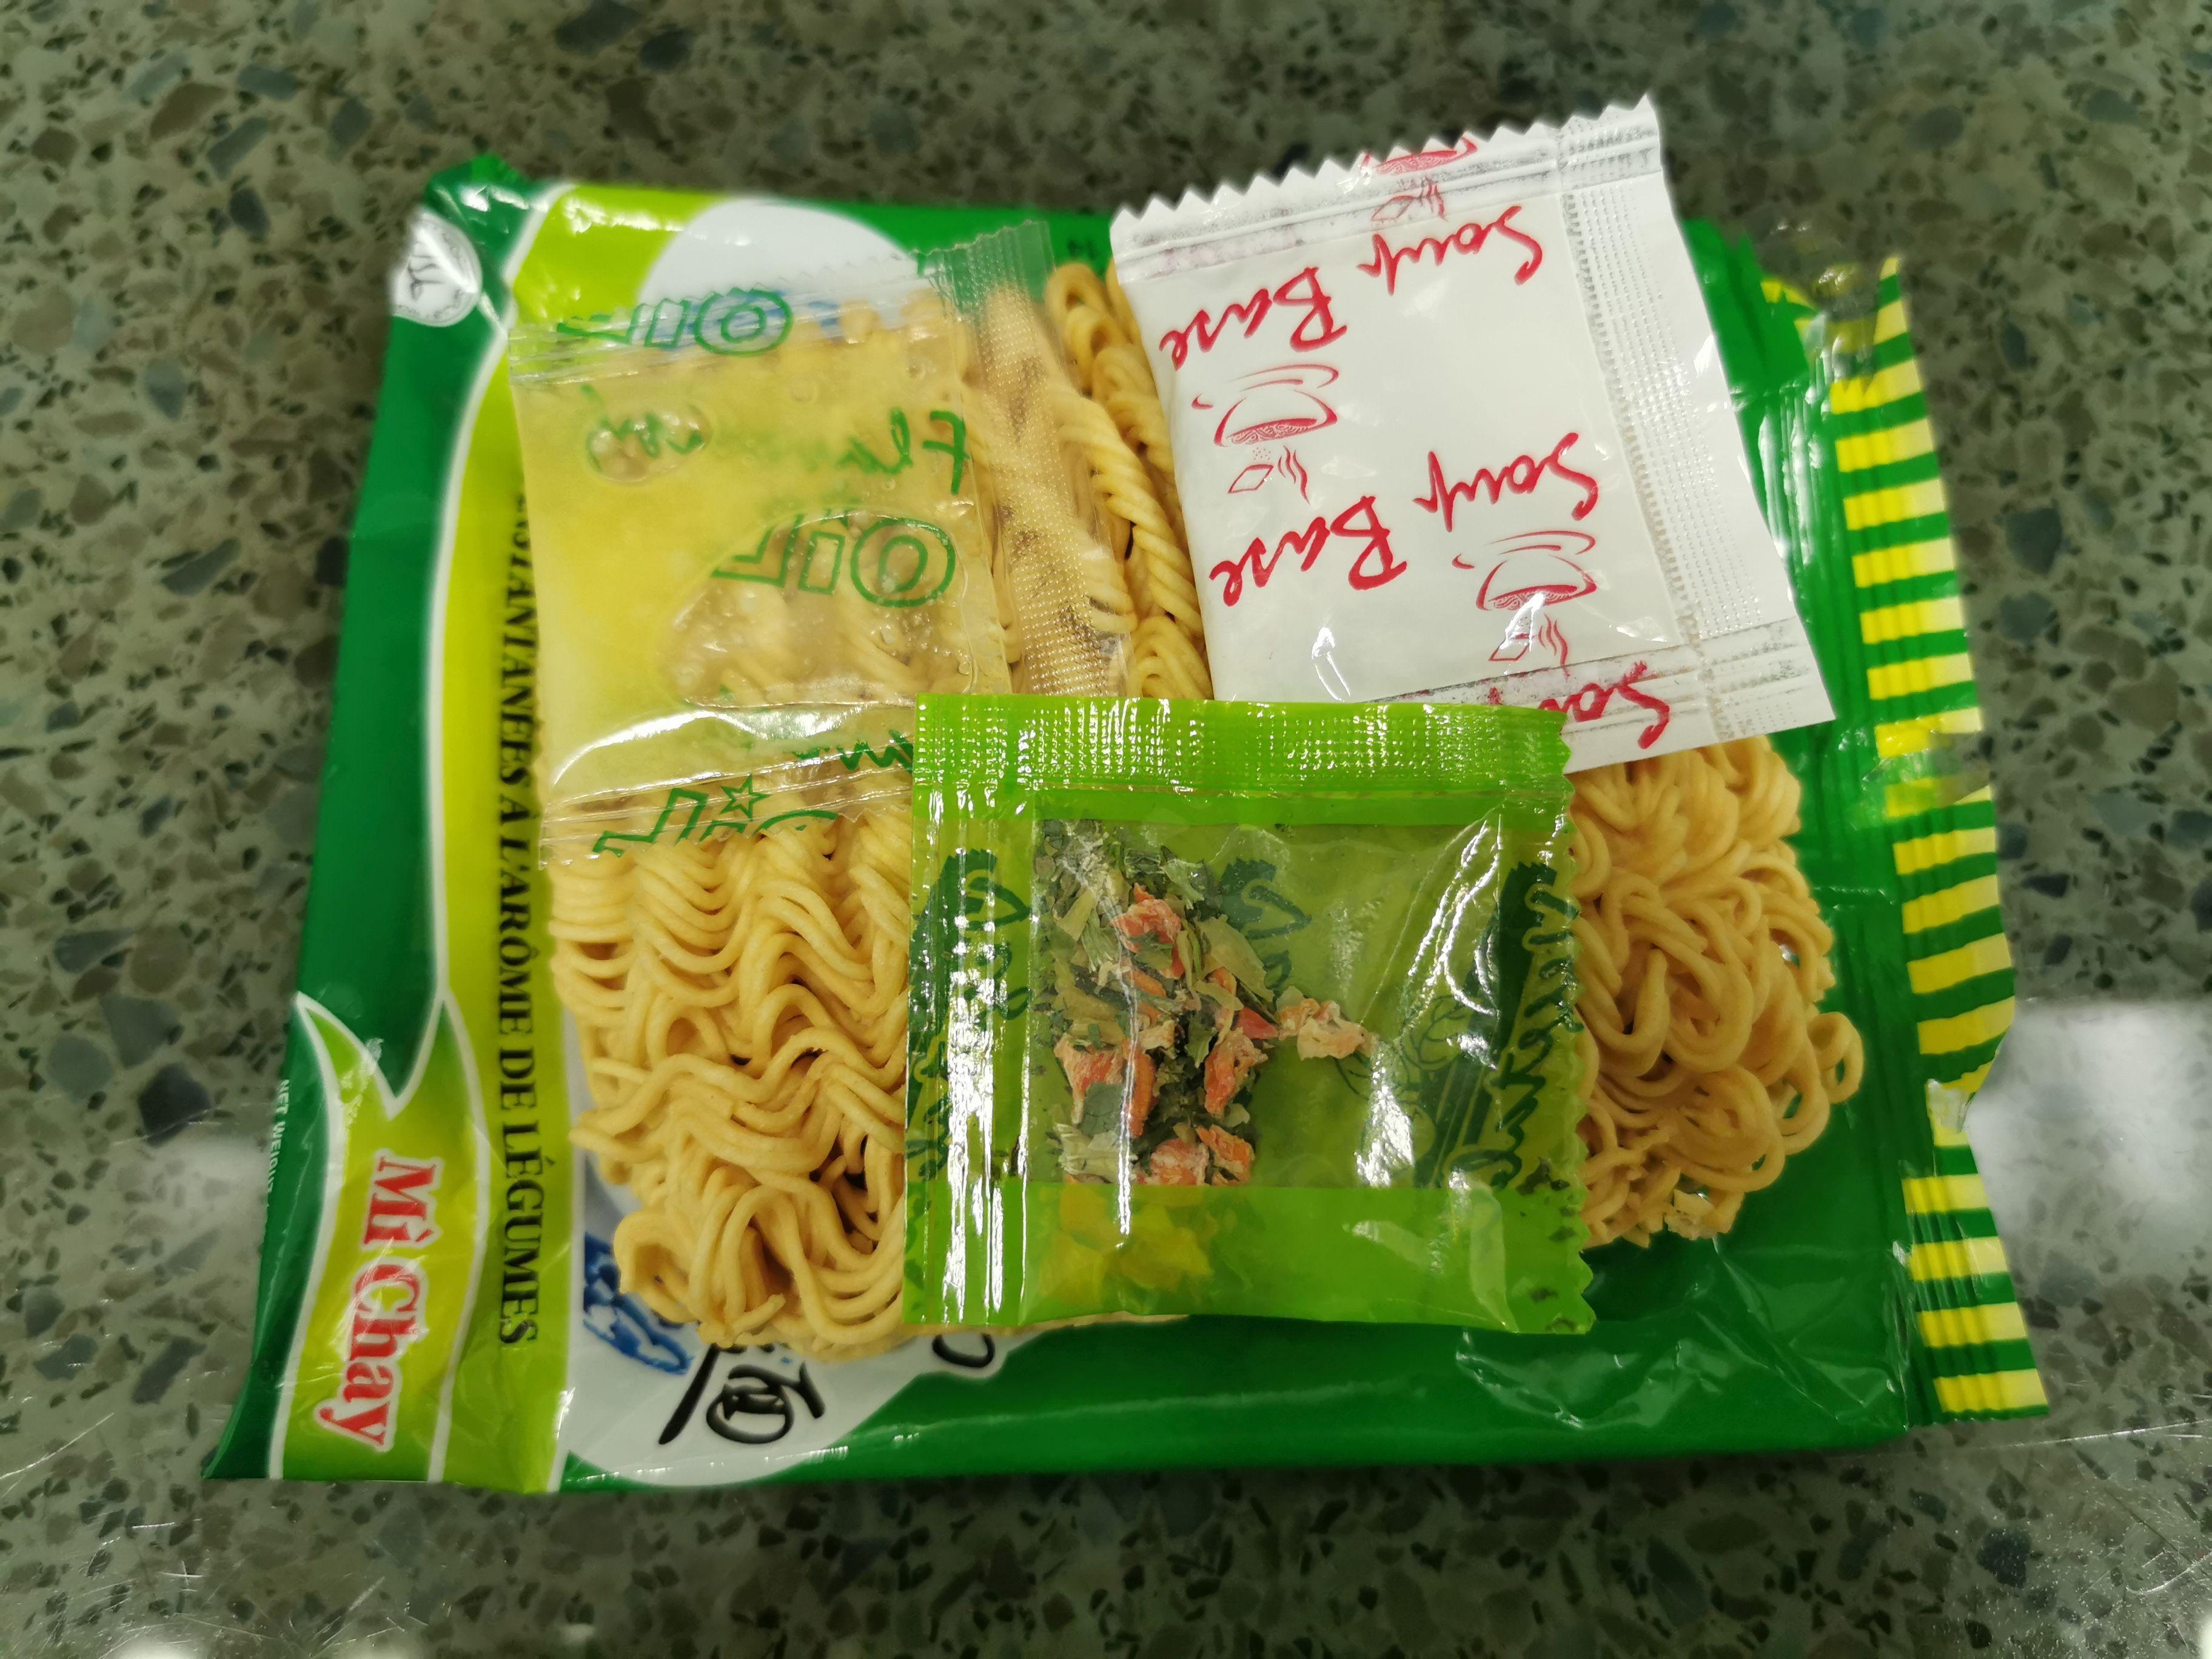 """#1953: Vifon """"Oriental Style Instant Noodle Vegetable Flavour (Mi Chay)"""""""